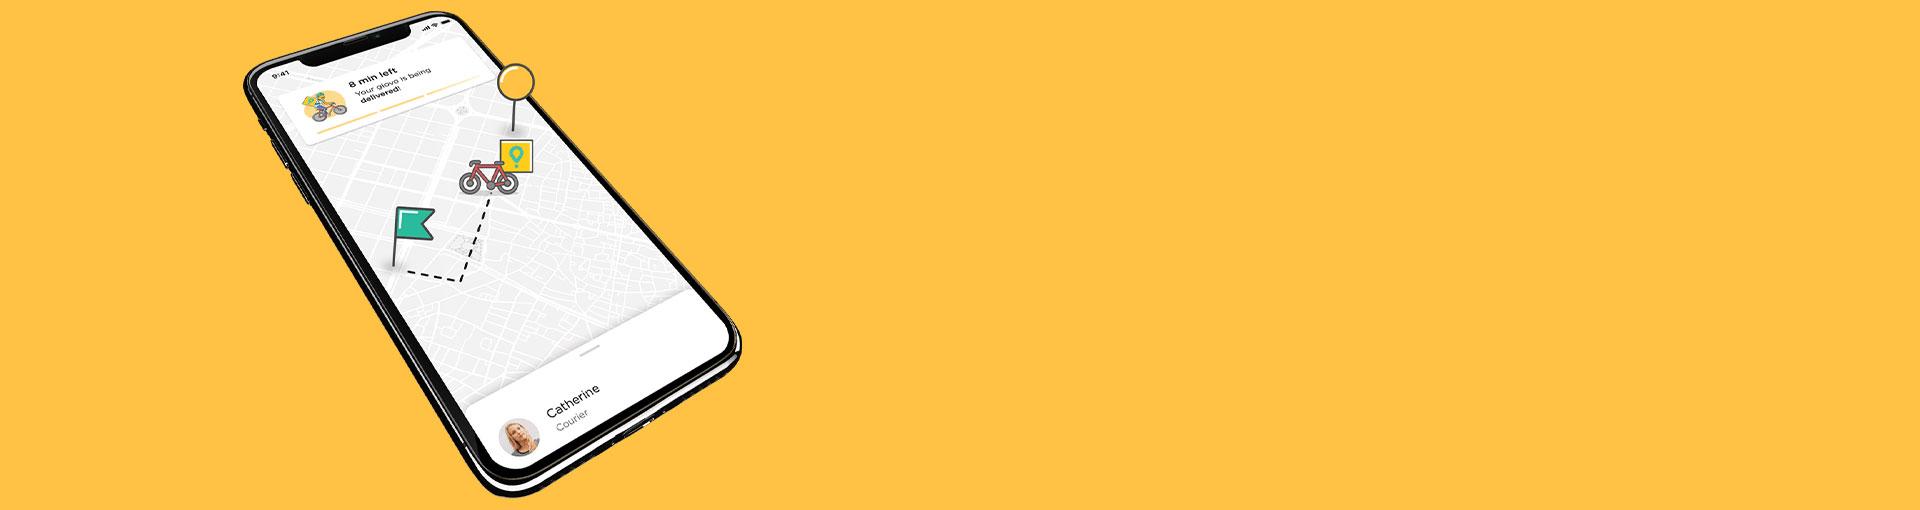 Naruči Homebox duo putem Glovo aplikacije